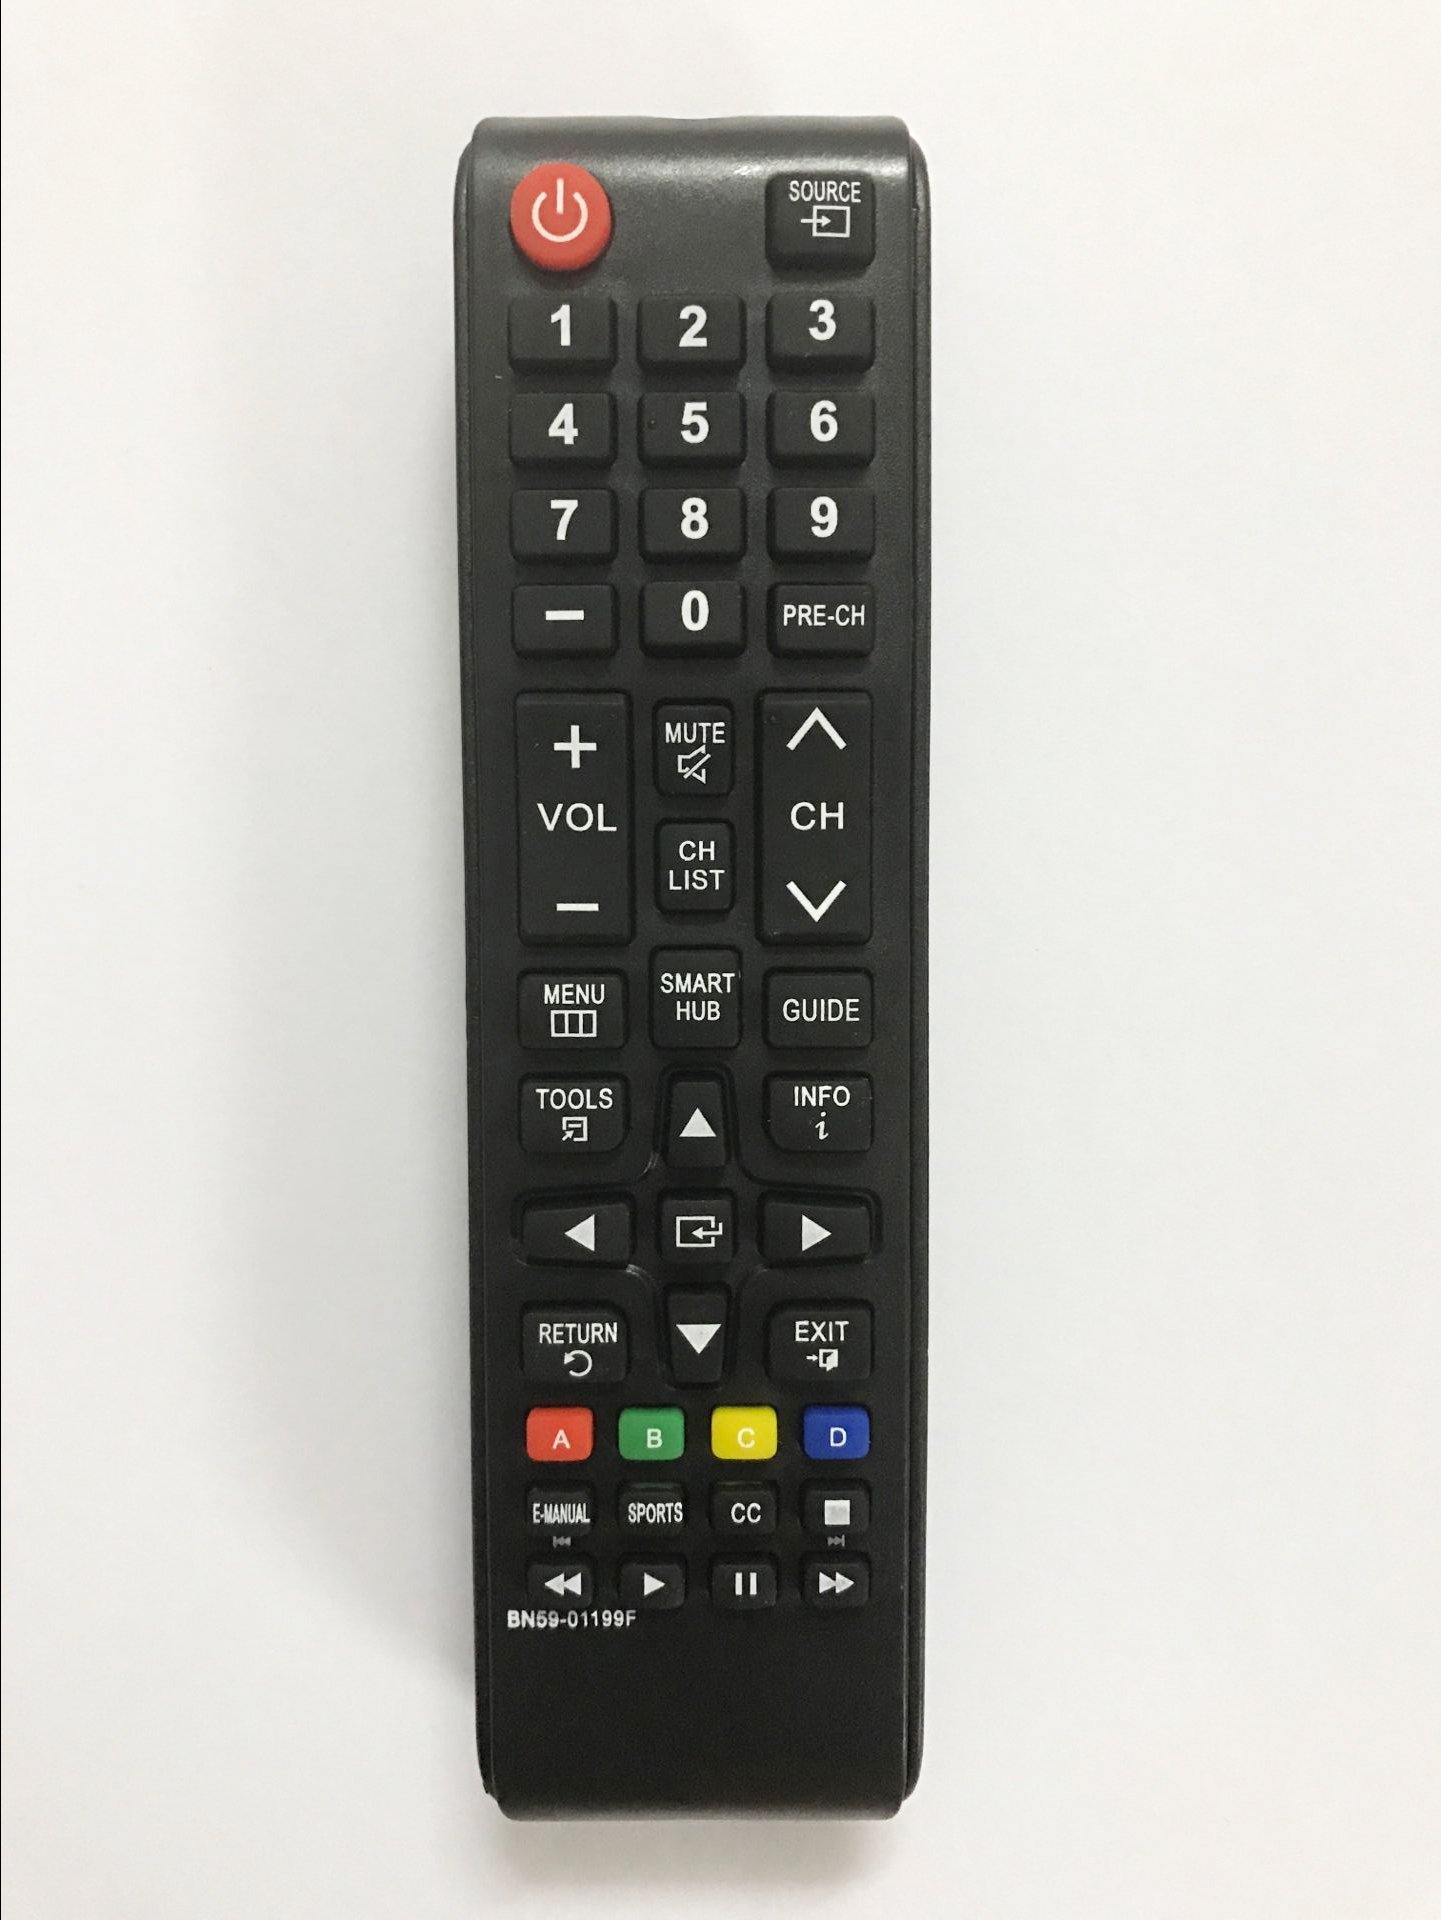 Replacement Remote Controller use for UN50J5200 UN50J5200AF UN50J5200AFXZA Samsung Smart LED TV